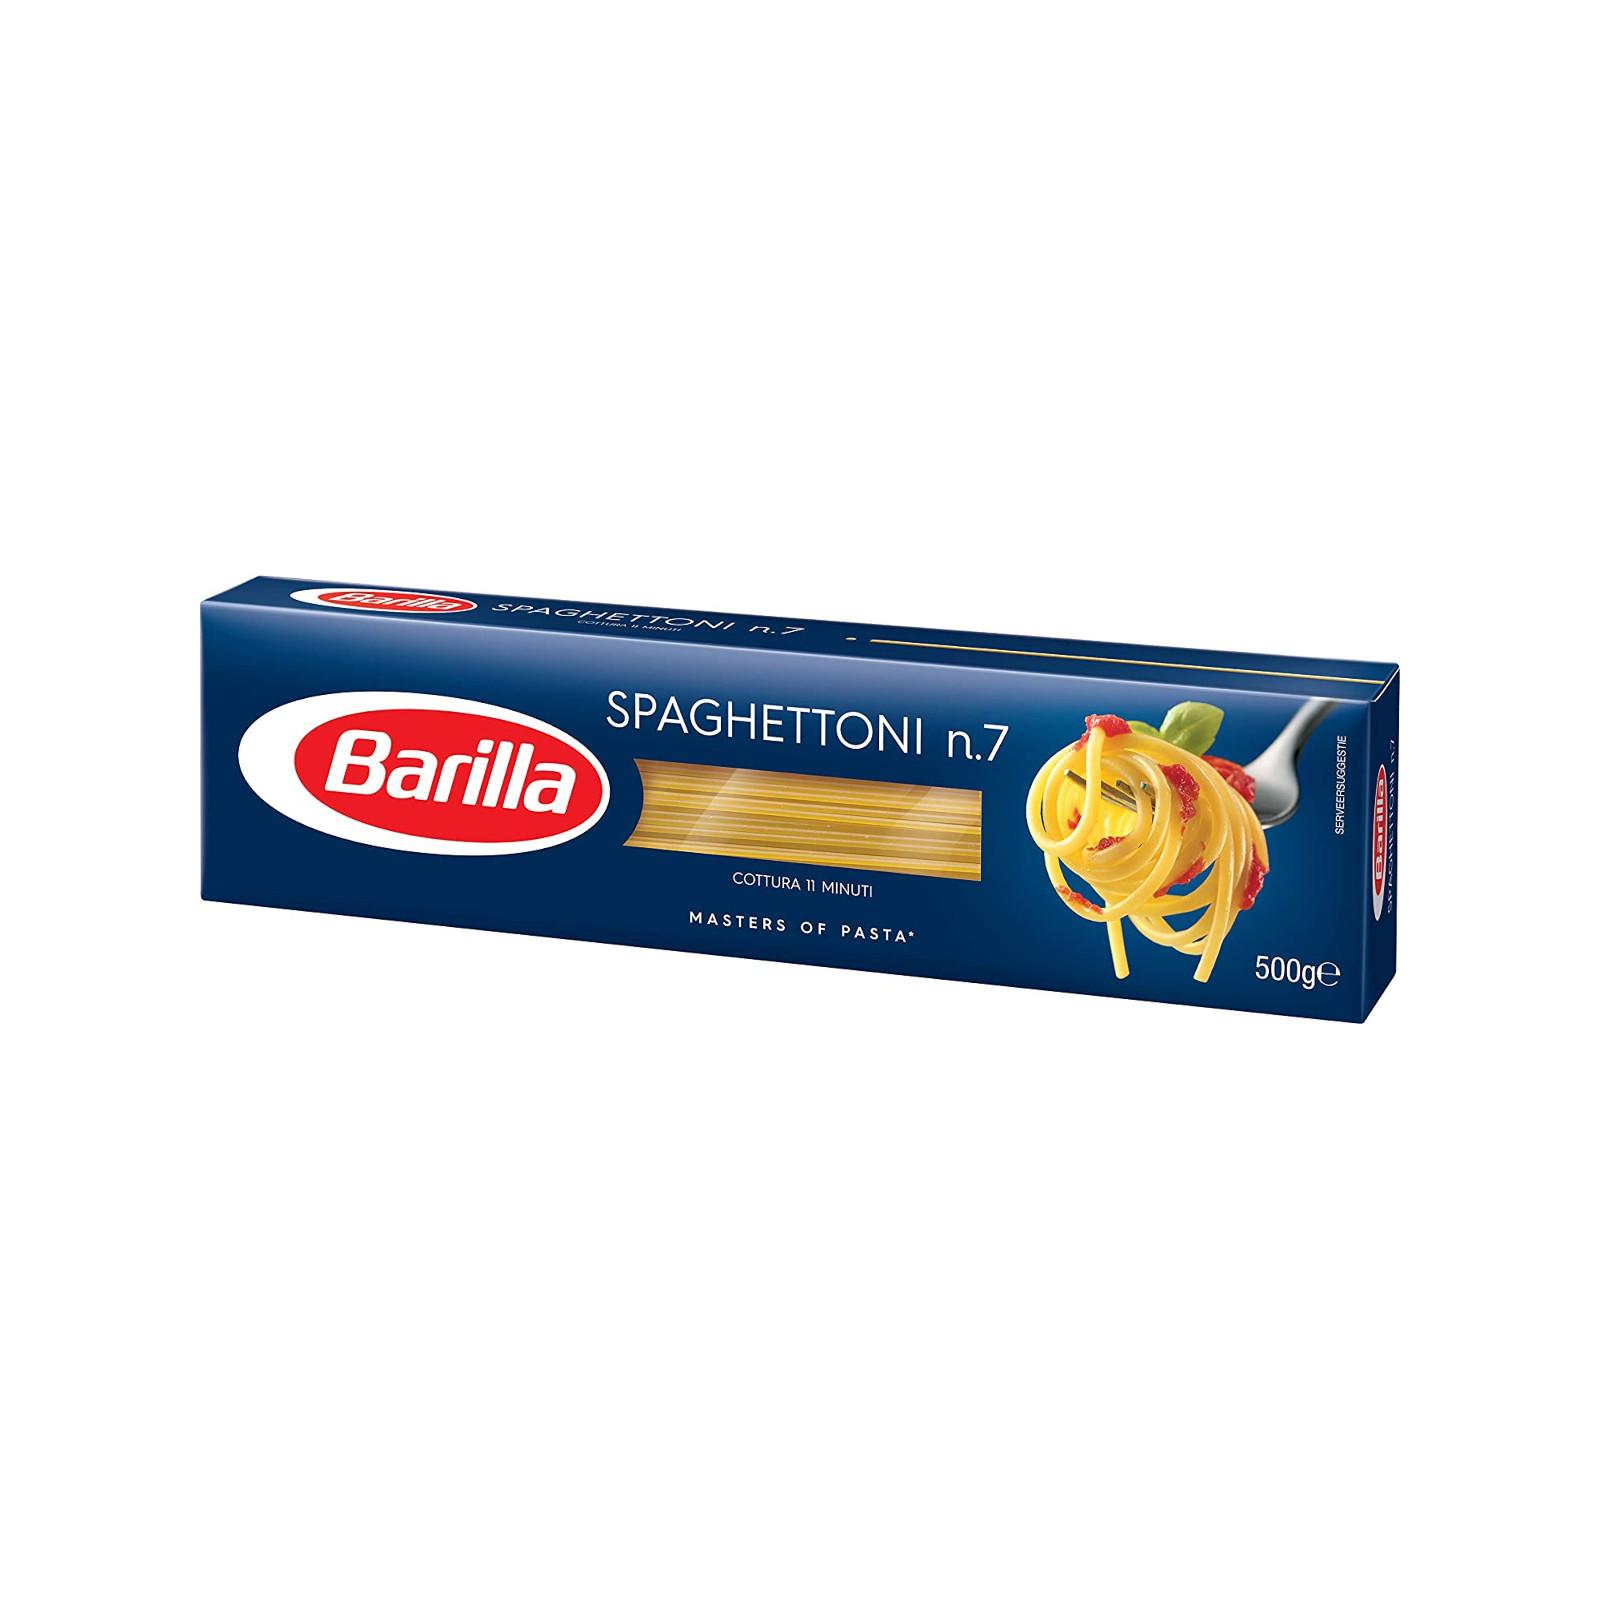 Spaghettoni no 7